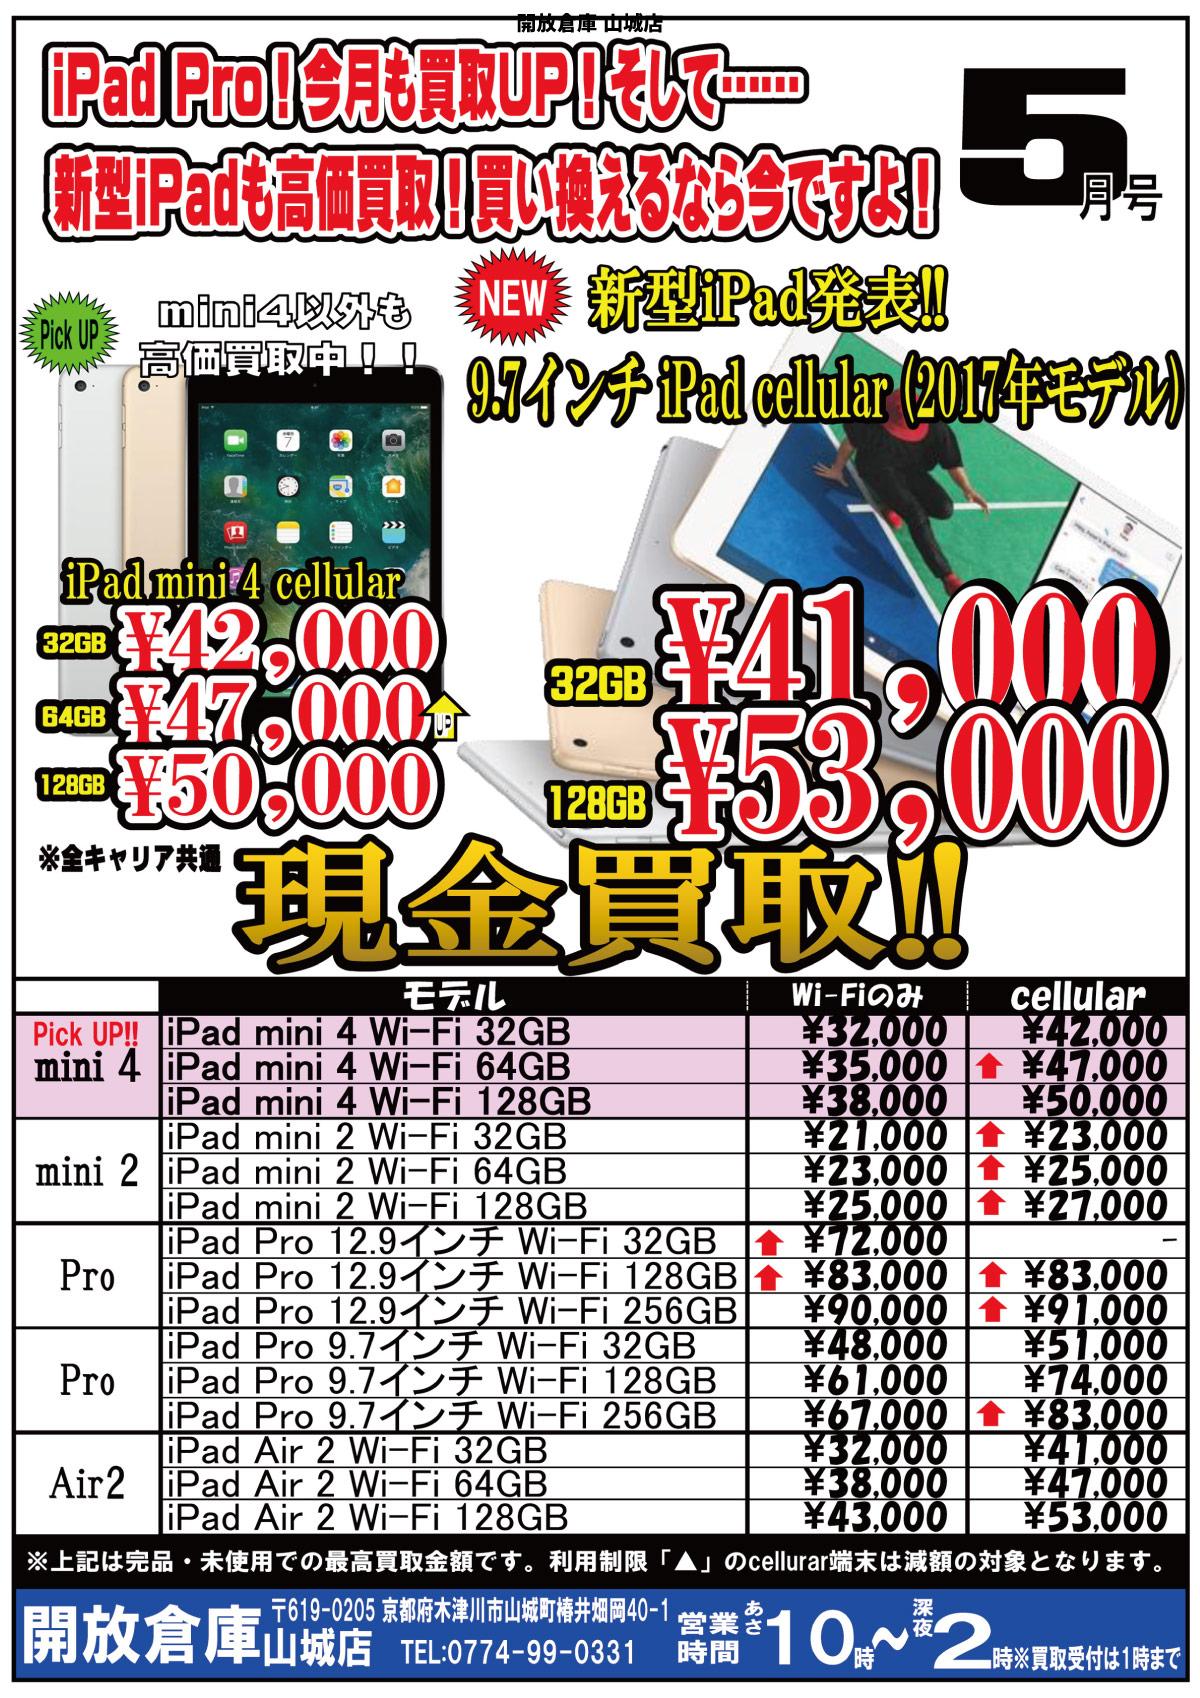 「開放倉庫山城店」ipad Pro!今月も買取UP!そして・・・新型iPadも高価買取!買い替えるなら今ですよ!(2017.05.15)